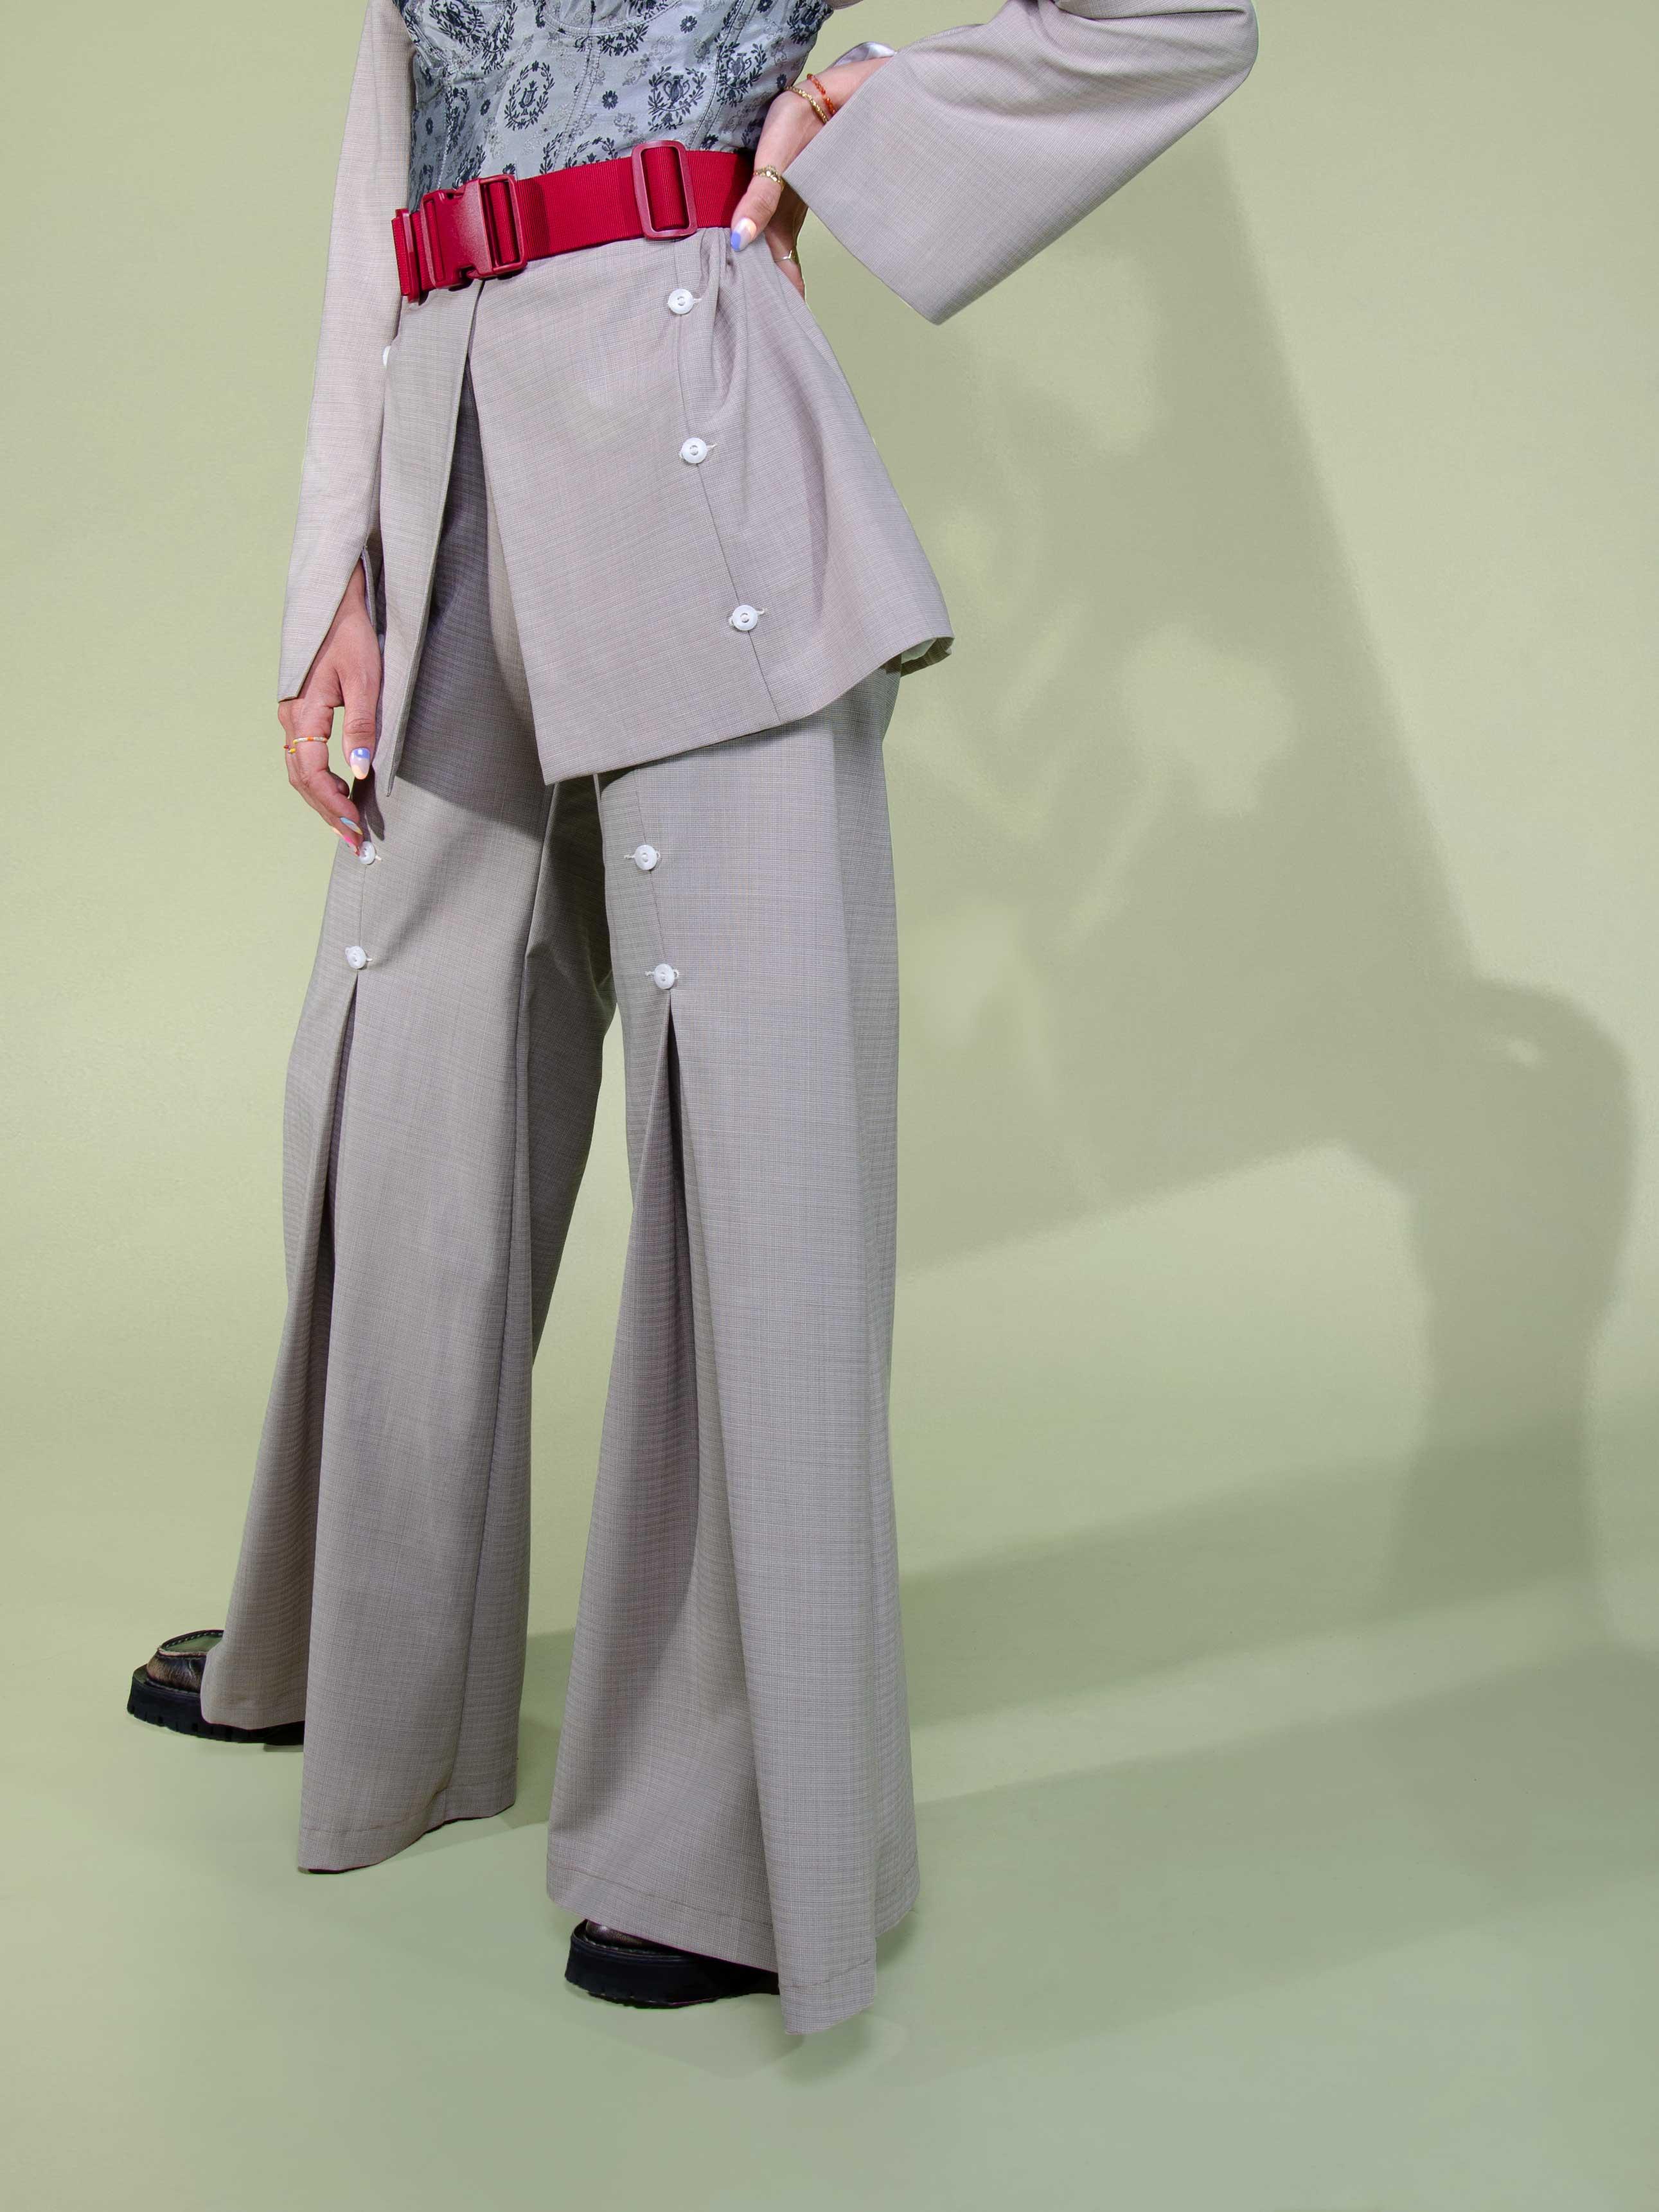 Modèle qui porte le look 70's Retro Britney